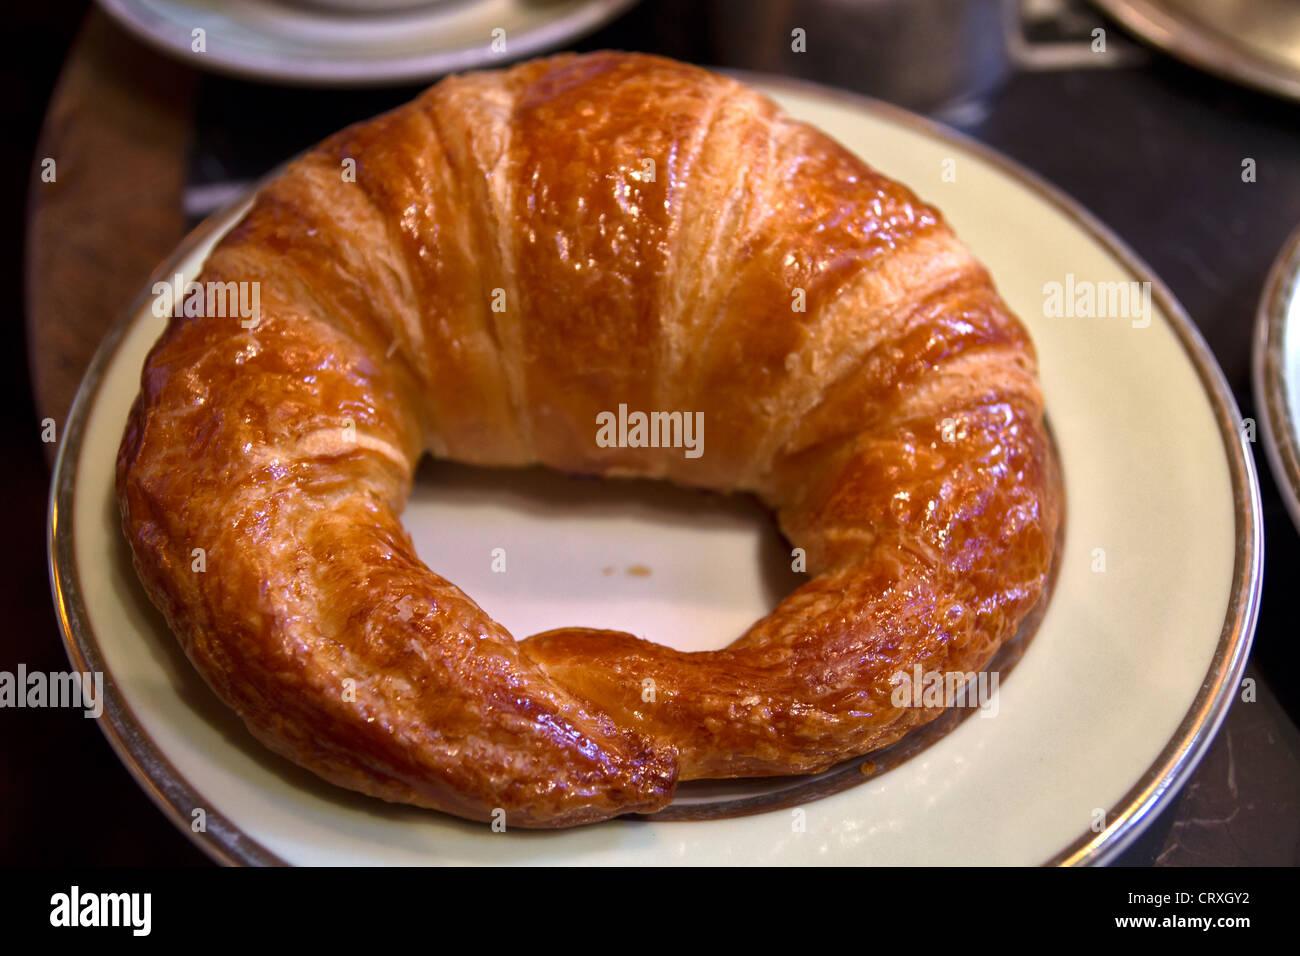 Croissant at Ladurée, Rue Royale, Paris, France - Stock Image